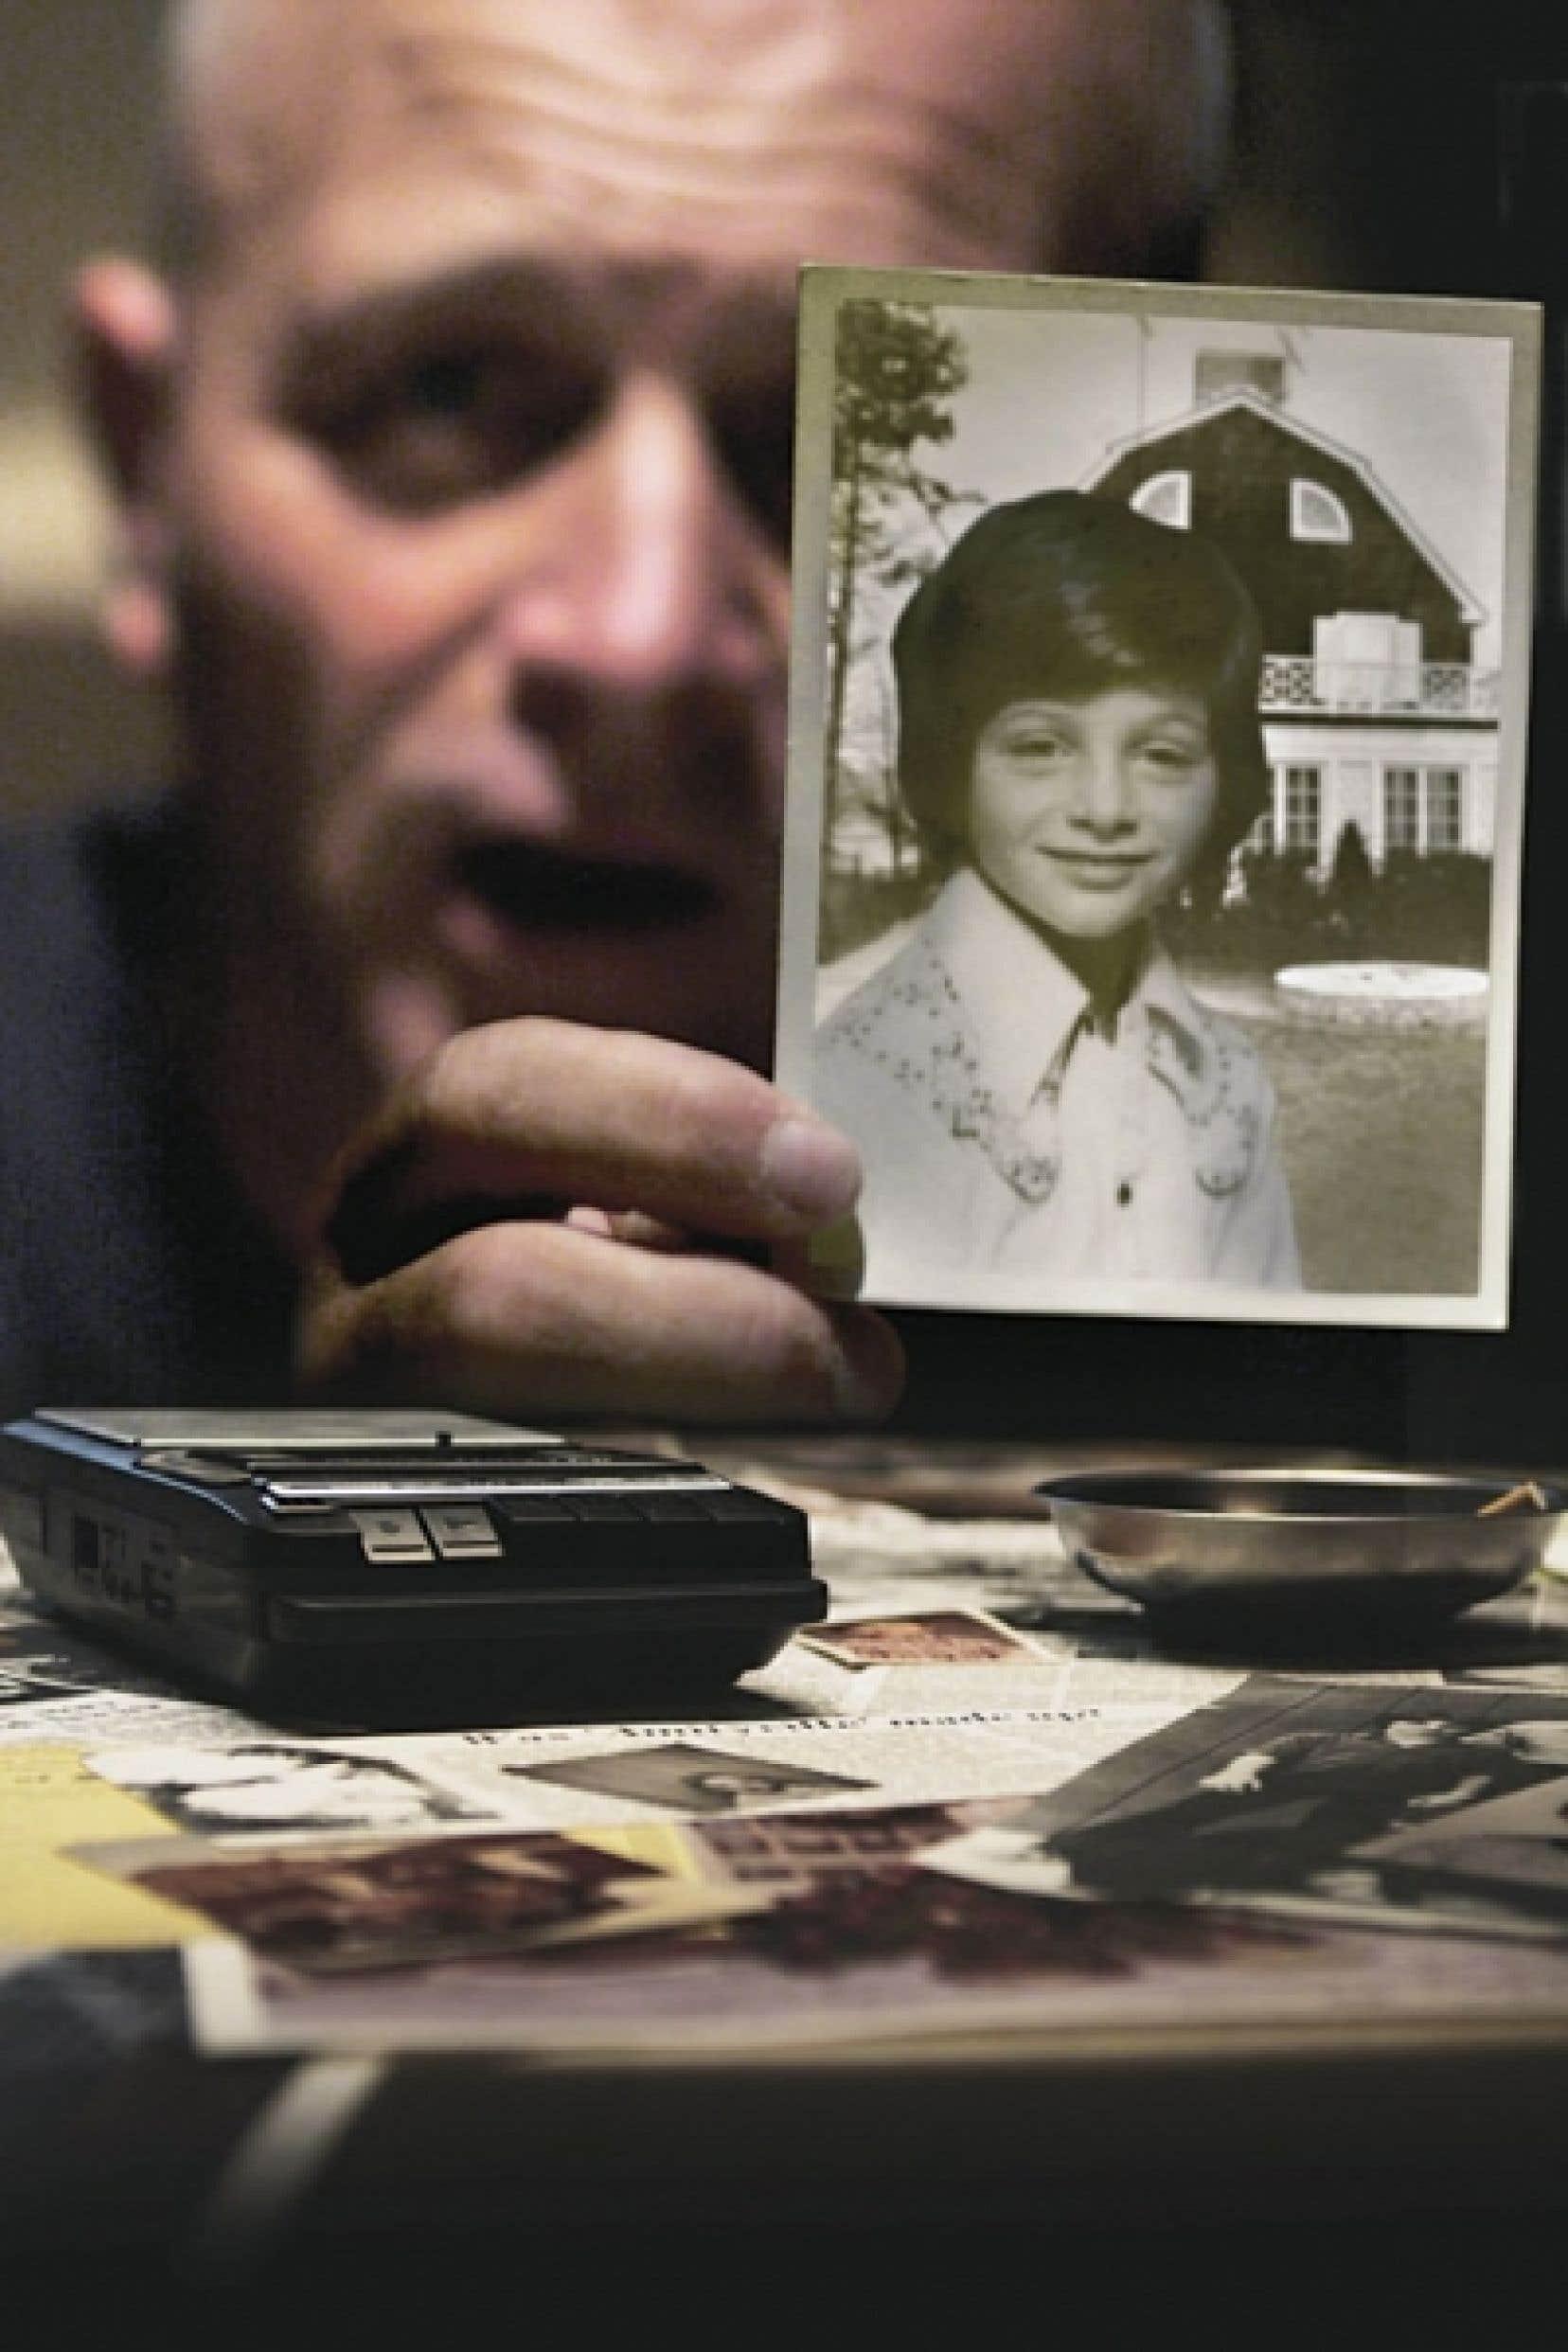 Intrigant est My Amityville Horror, d'Eric Walter, une première mondiale donnant la parole à Daniel Lutz, qui avait huit ans lorsque sa famille et lui quittèrent en catastrophe la tristement célèbre demeure de Long Island.